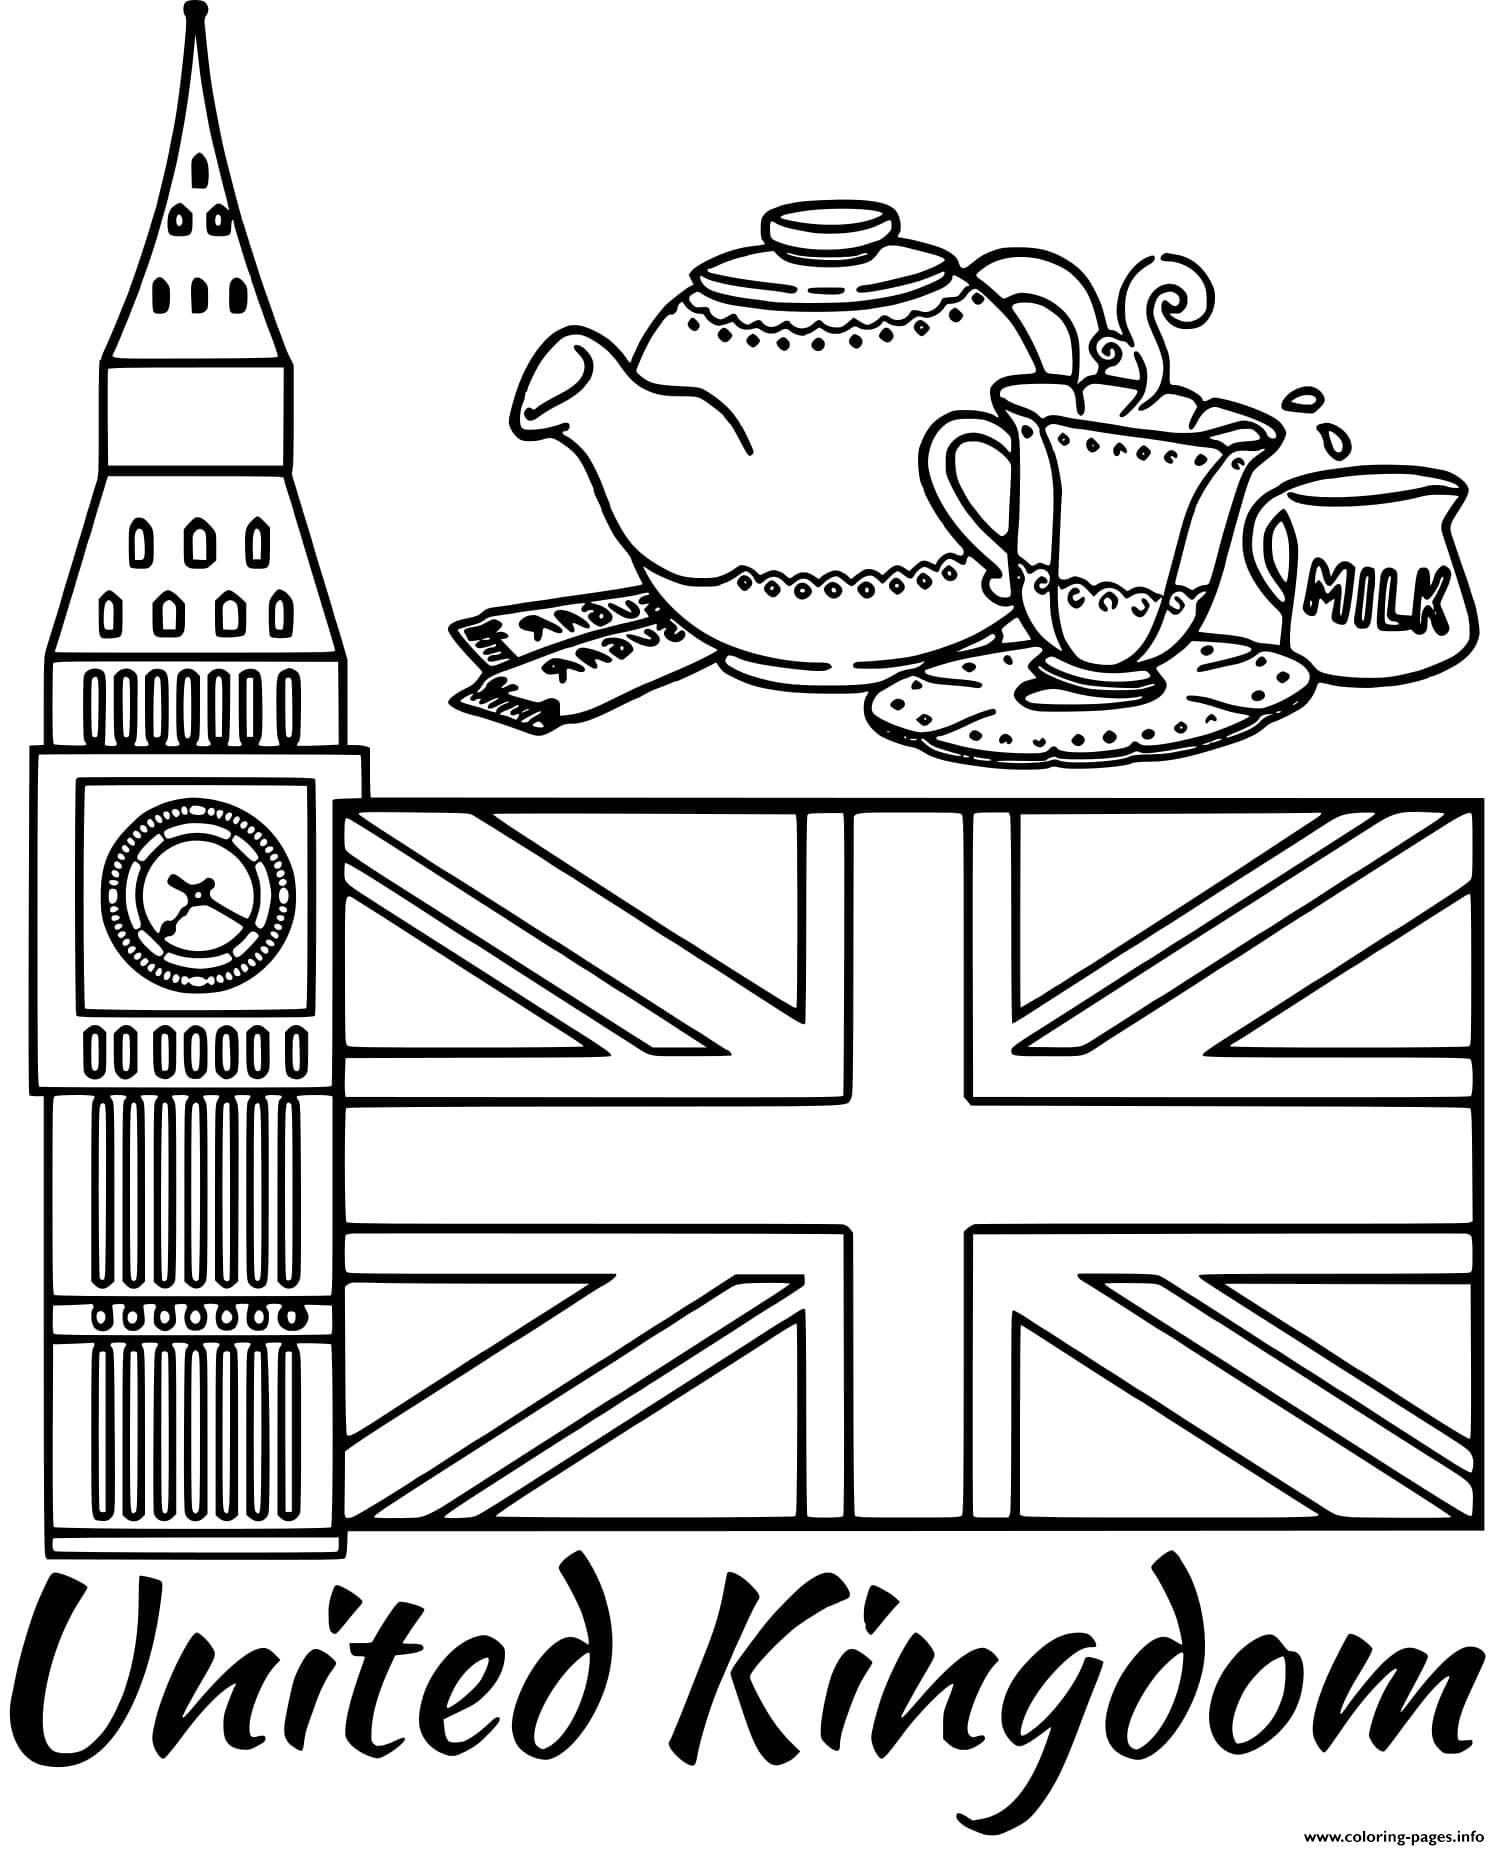 United Kingdom Flag Big Ben Coloring Pages Printable à Dessin De Angleterre